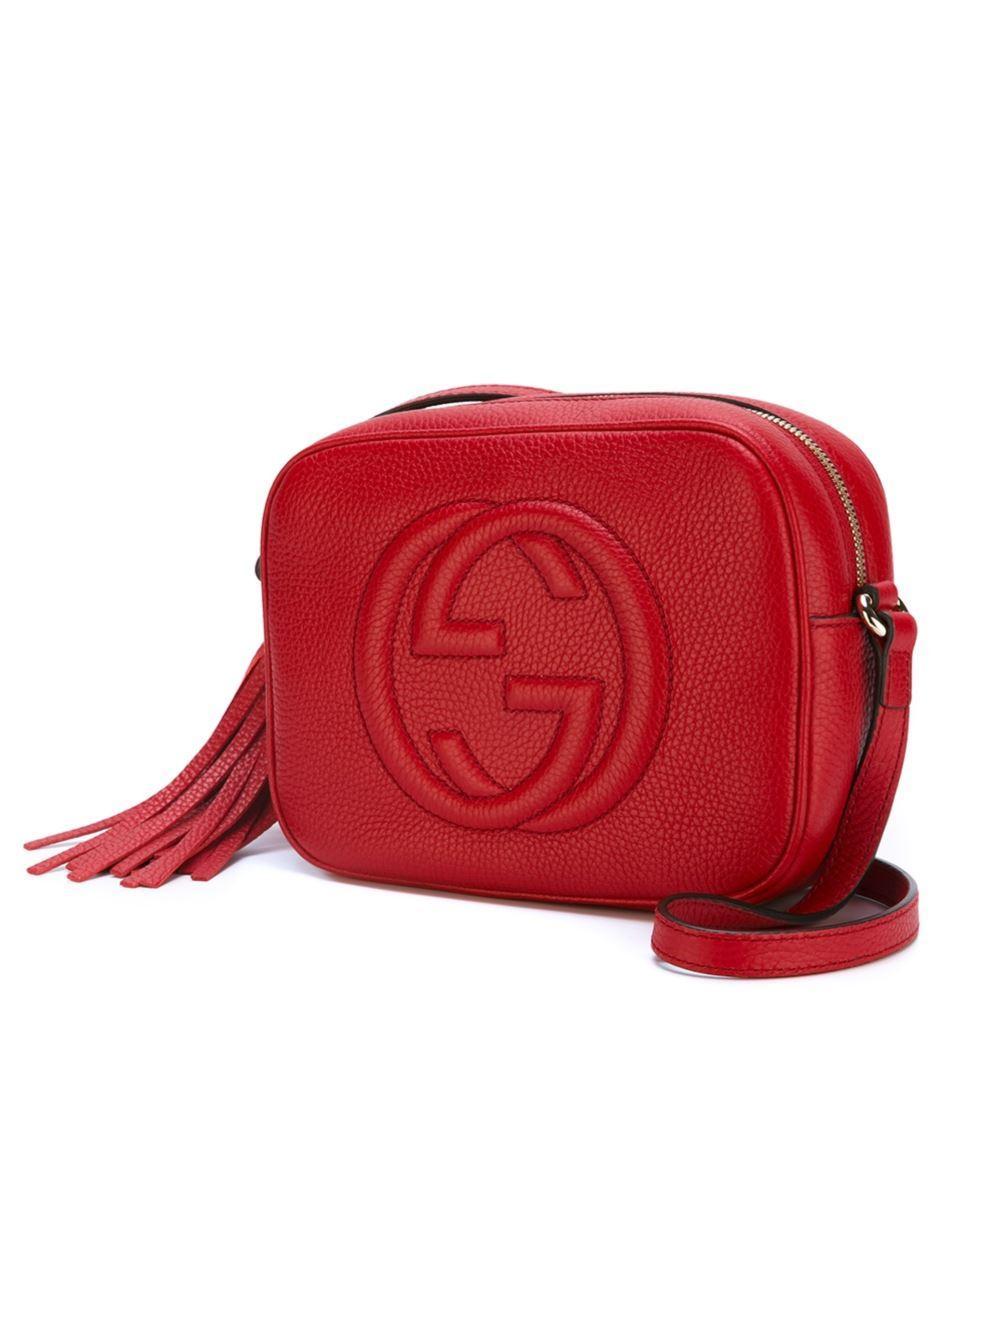 Gucci Soho Bag Red Ahoy Comics